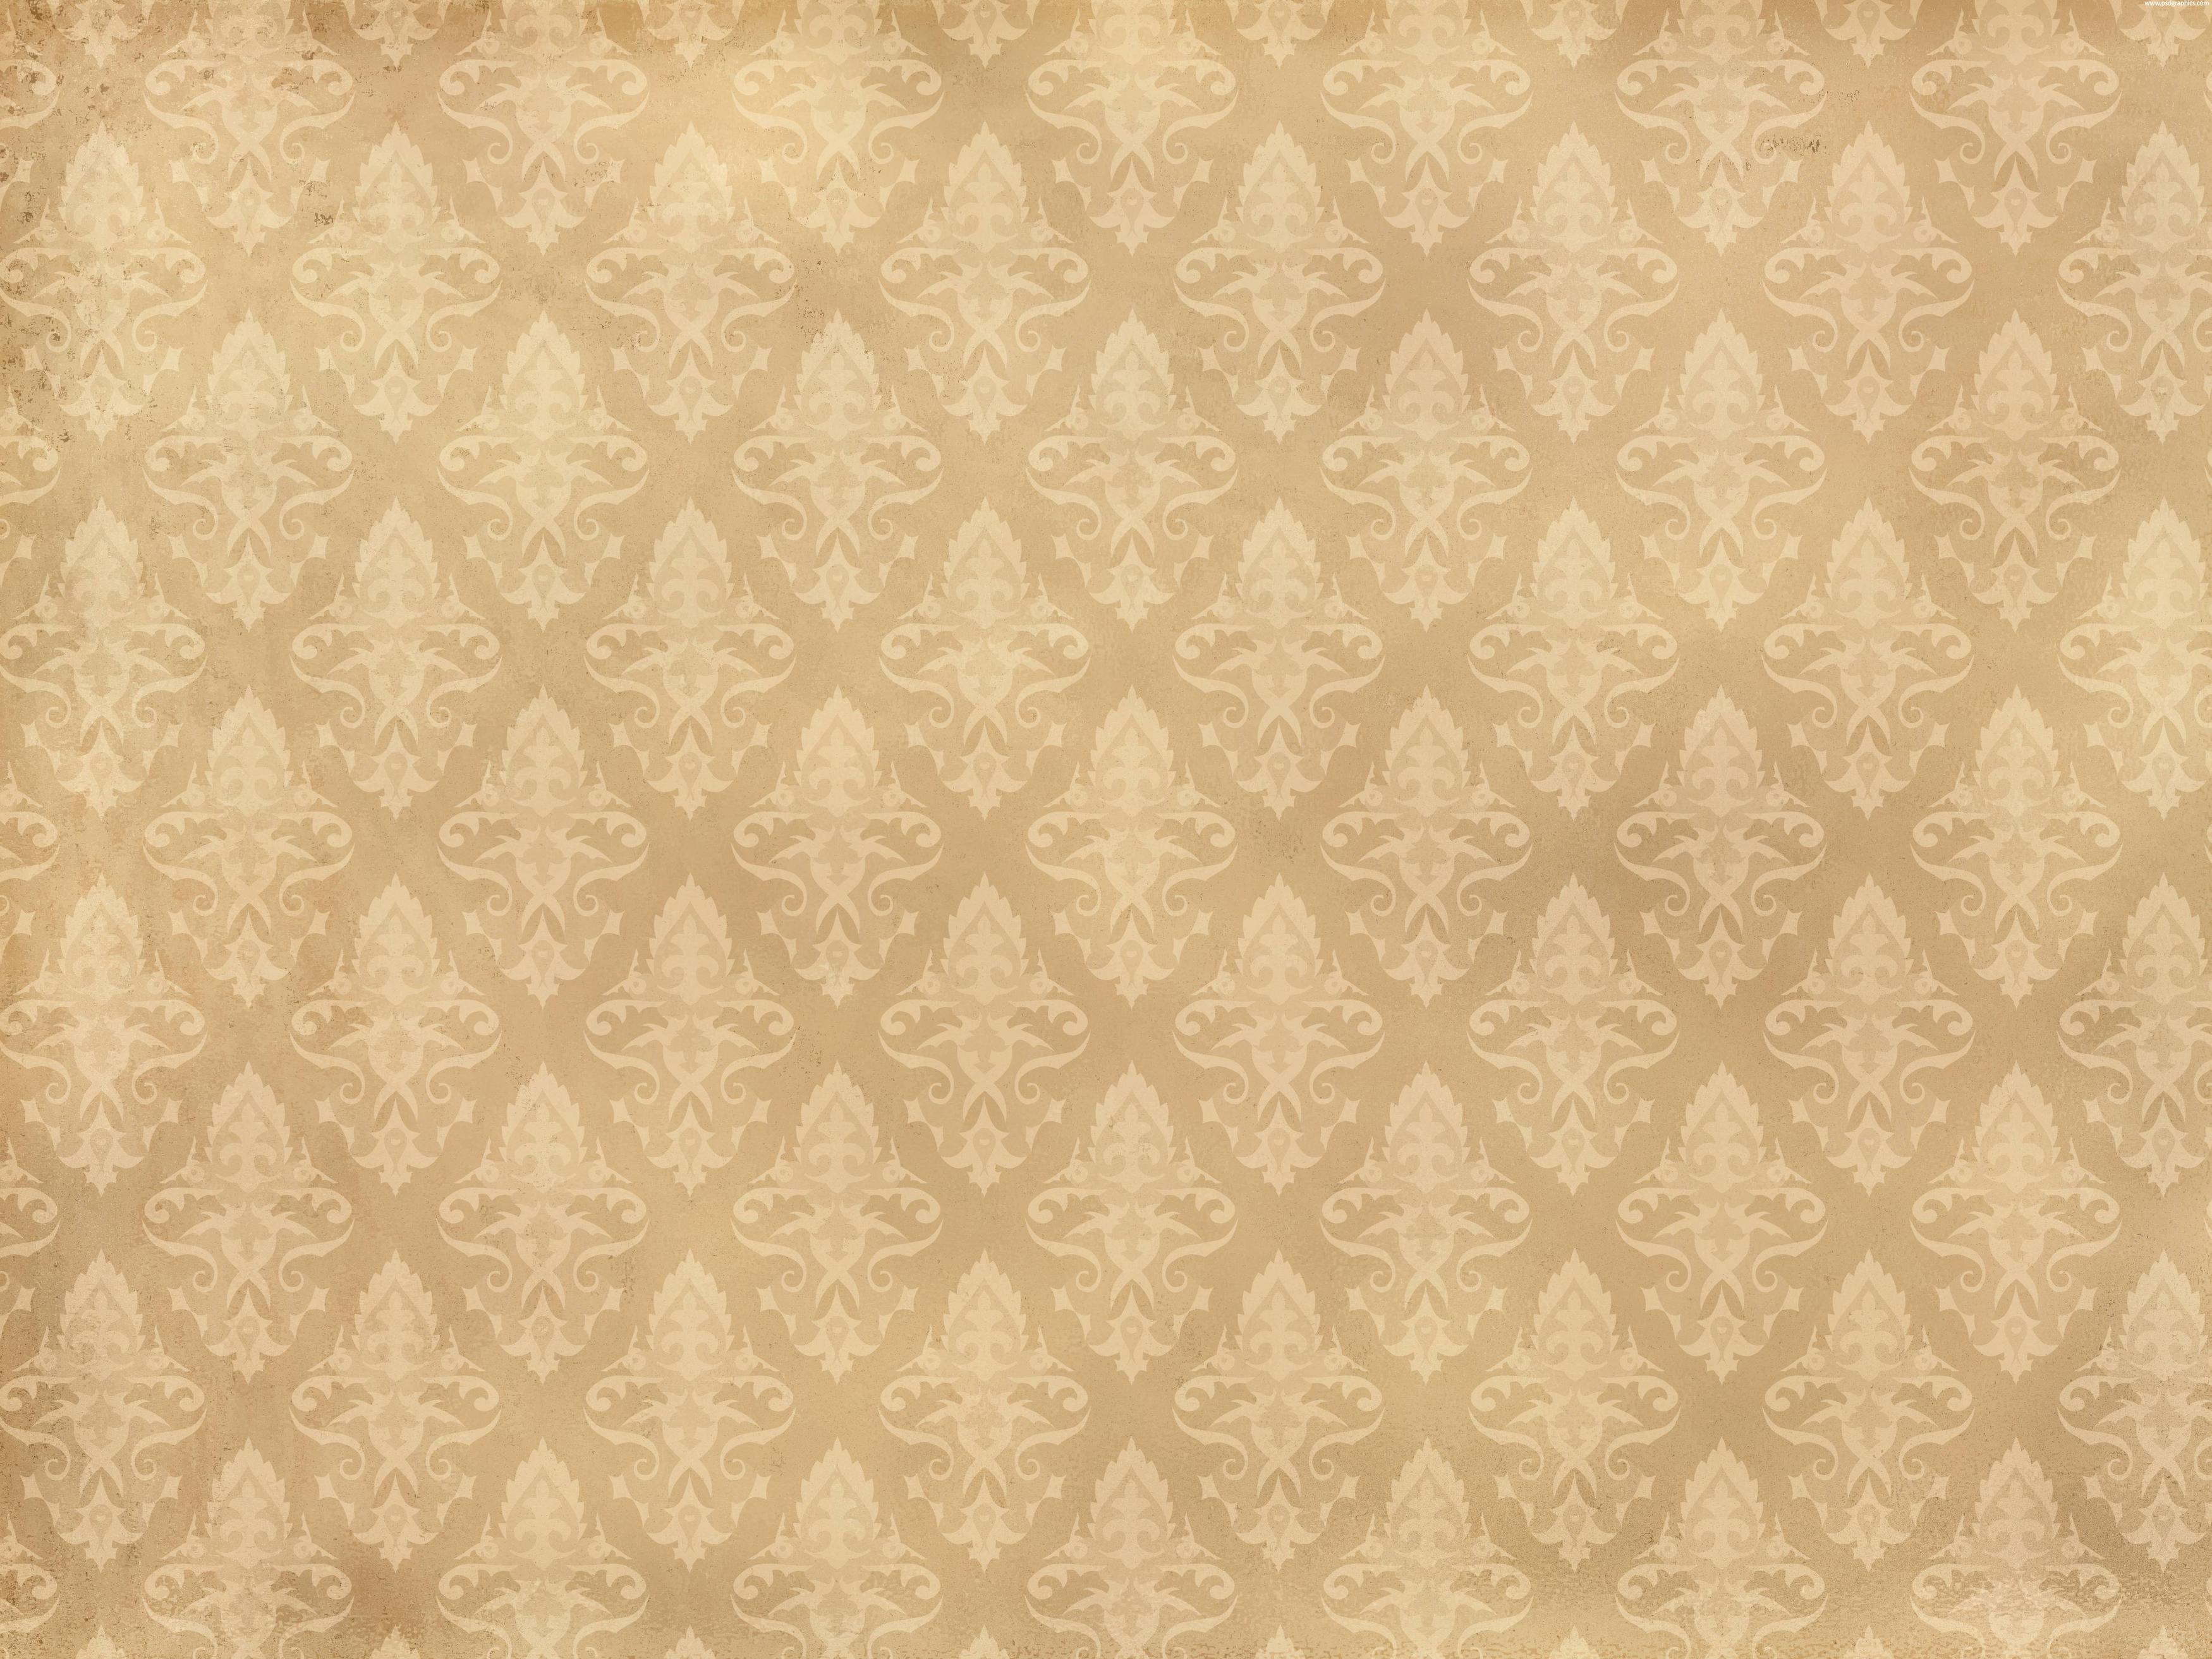 Stunning Antique Wallpaper